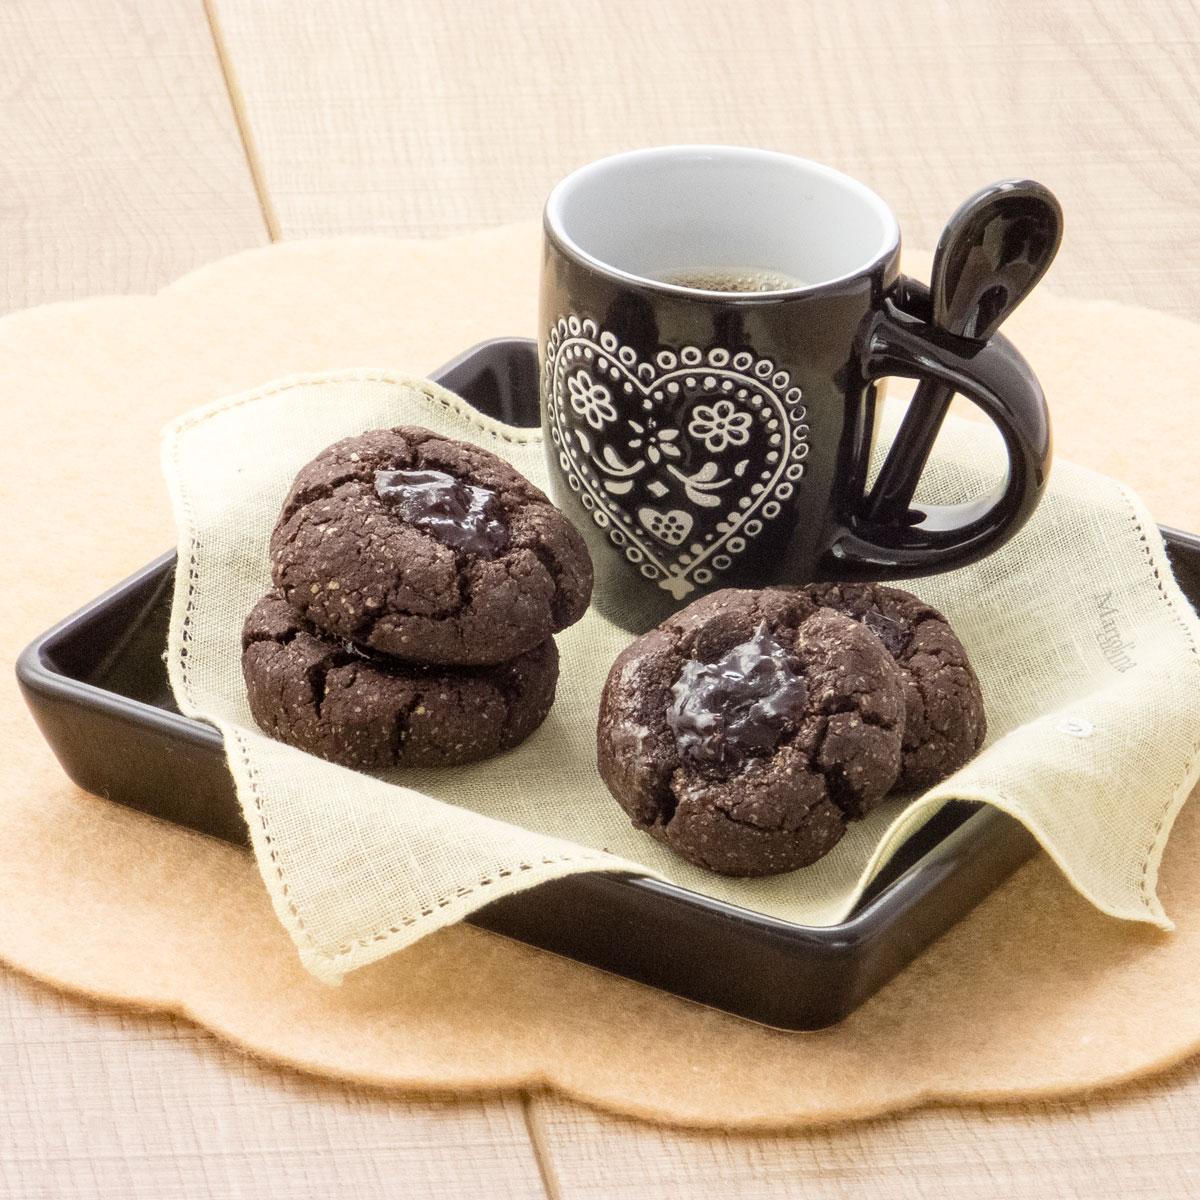 Biscotti-al-cacao-e-confettura-senza-burro-B1200x1200